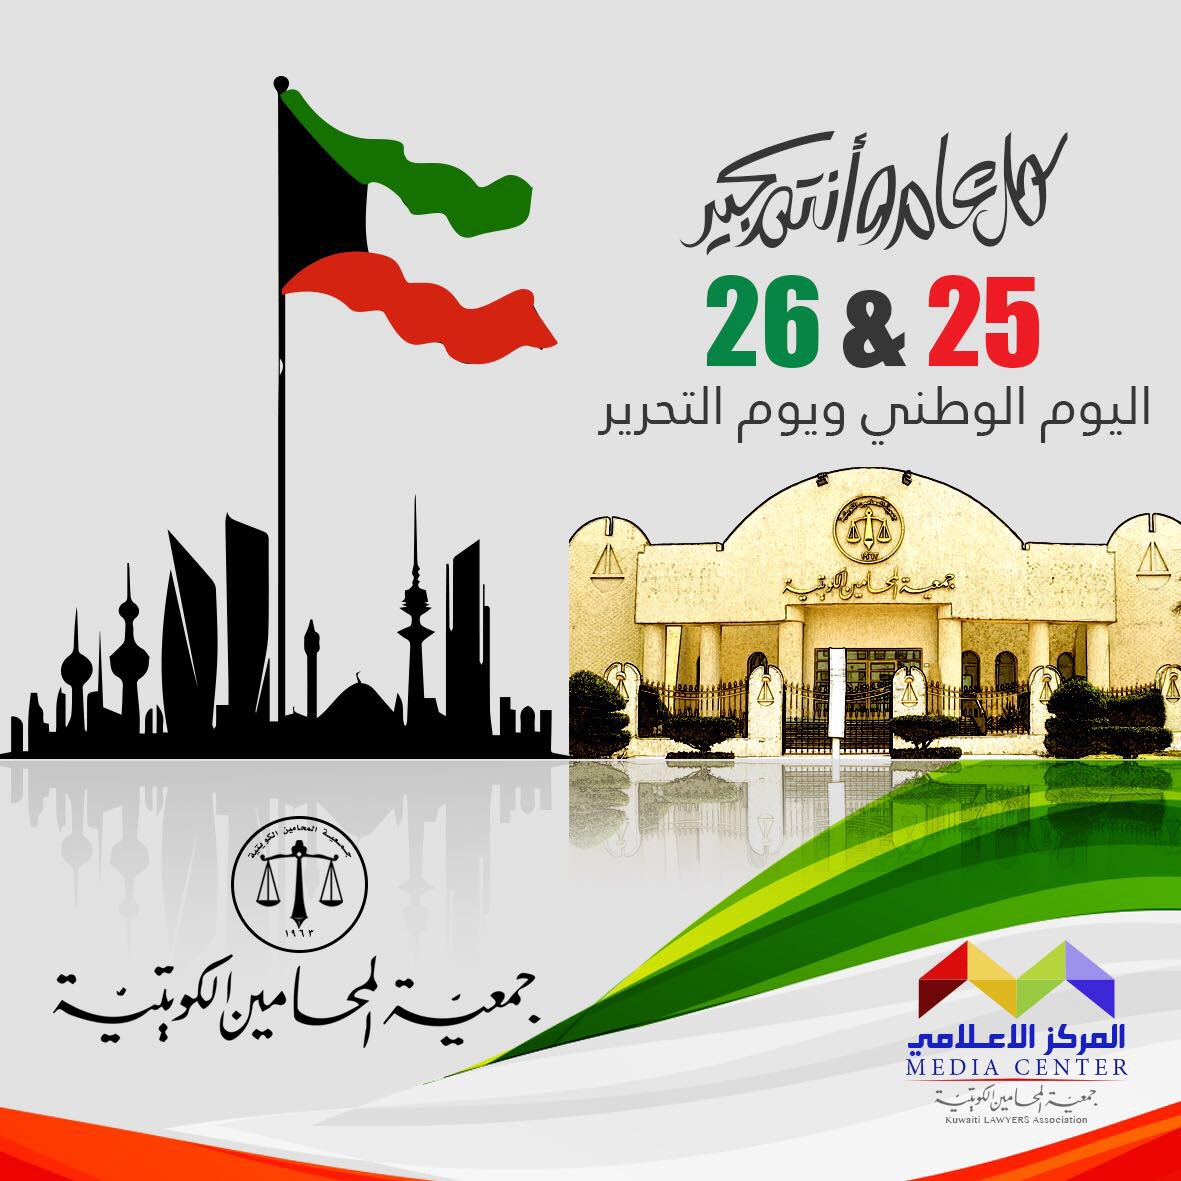 #جمعية_المحامين_الكويتية  #المركز_الإعلاميpic.twitter.com/JzTFiq9LHe